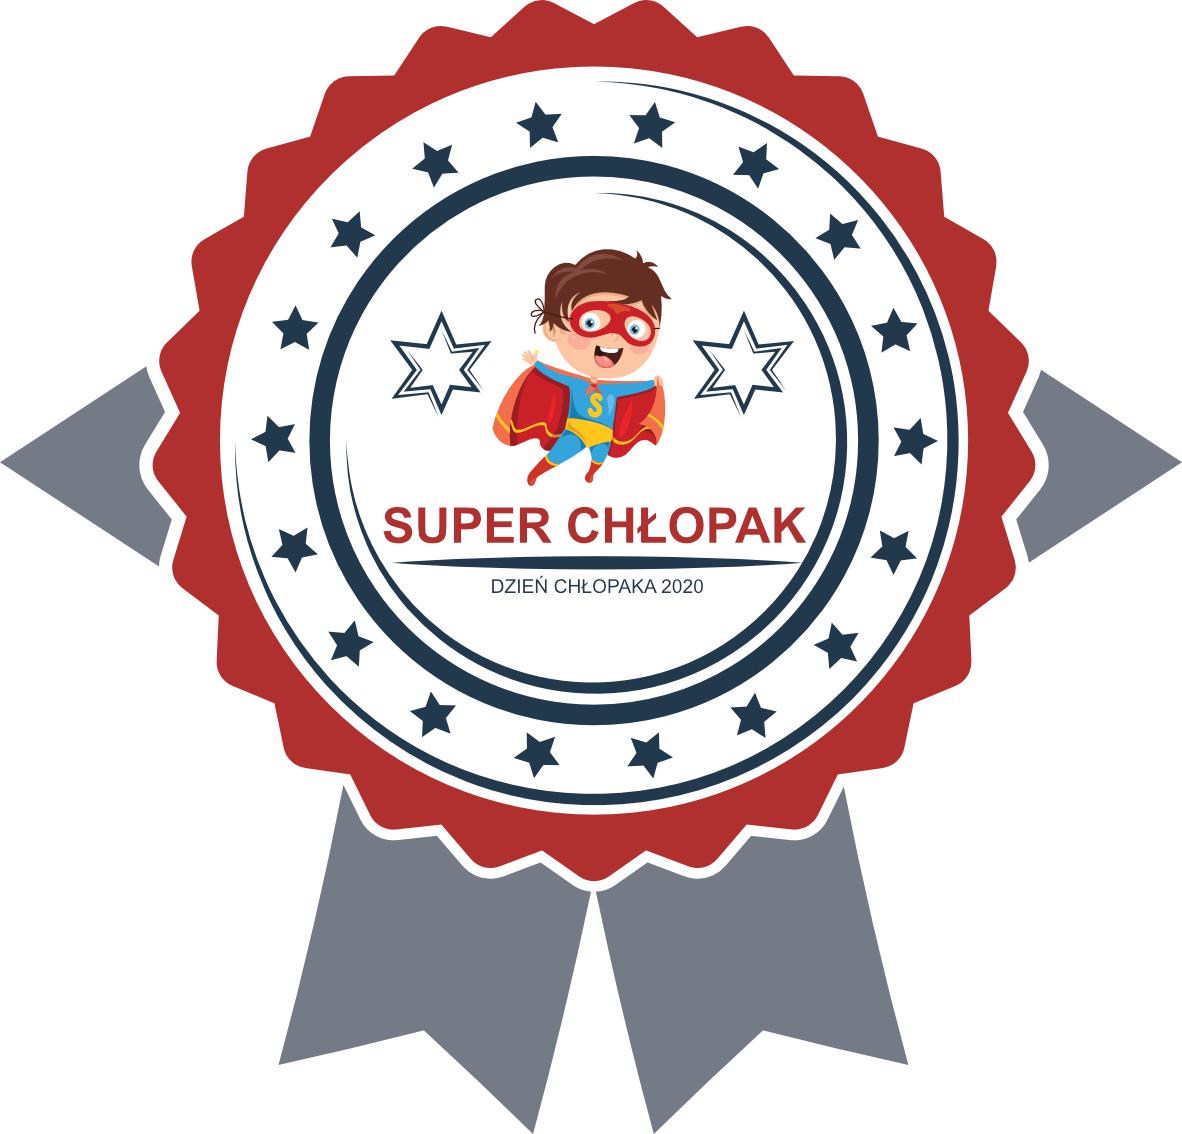 Dzien-Chlopaka-medal-2